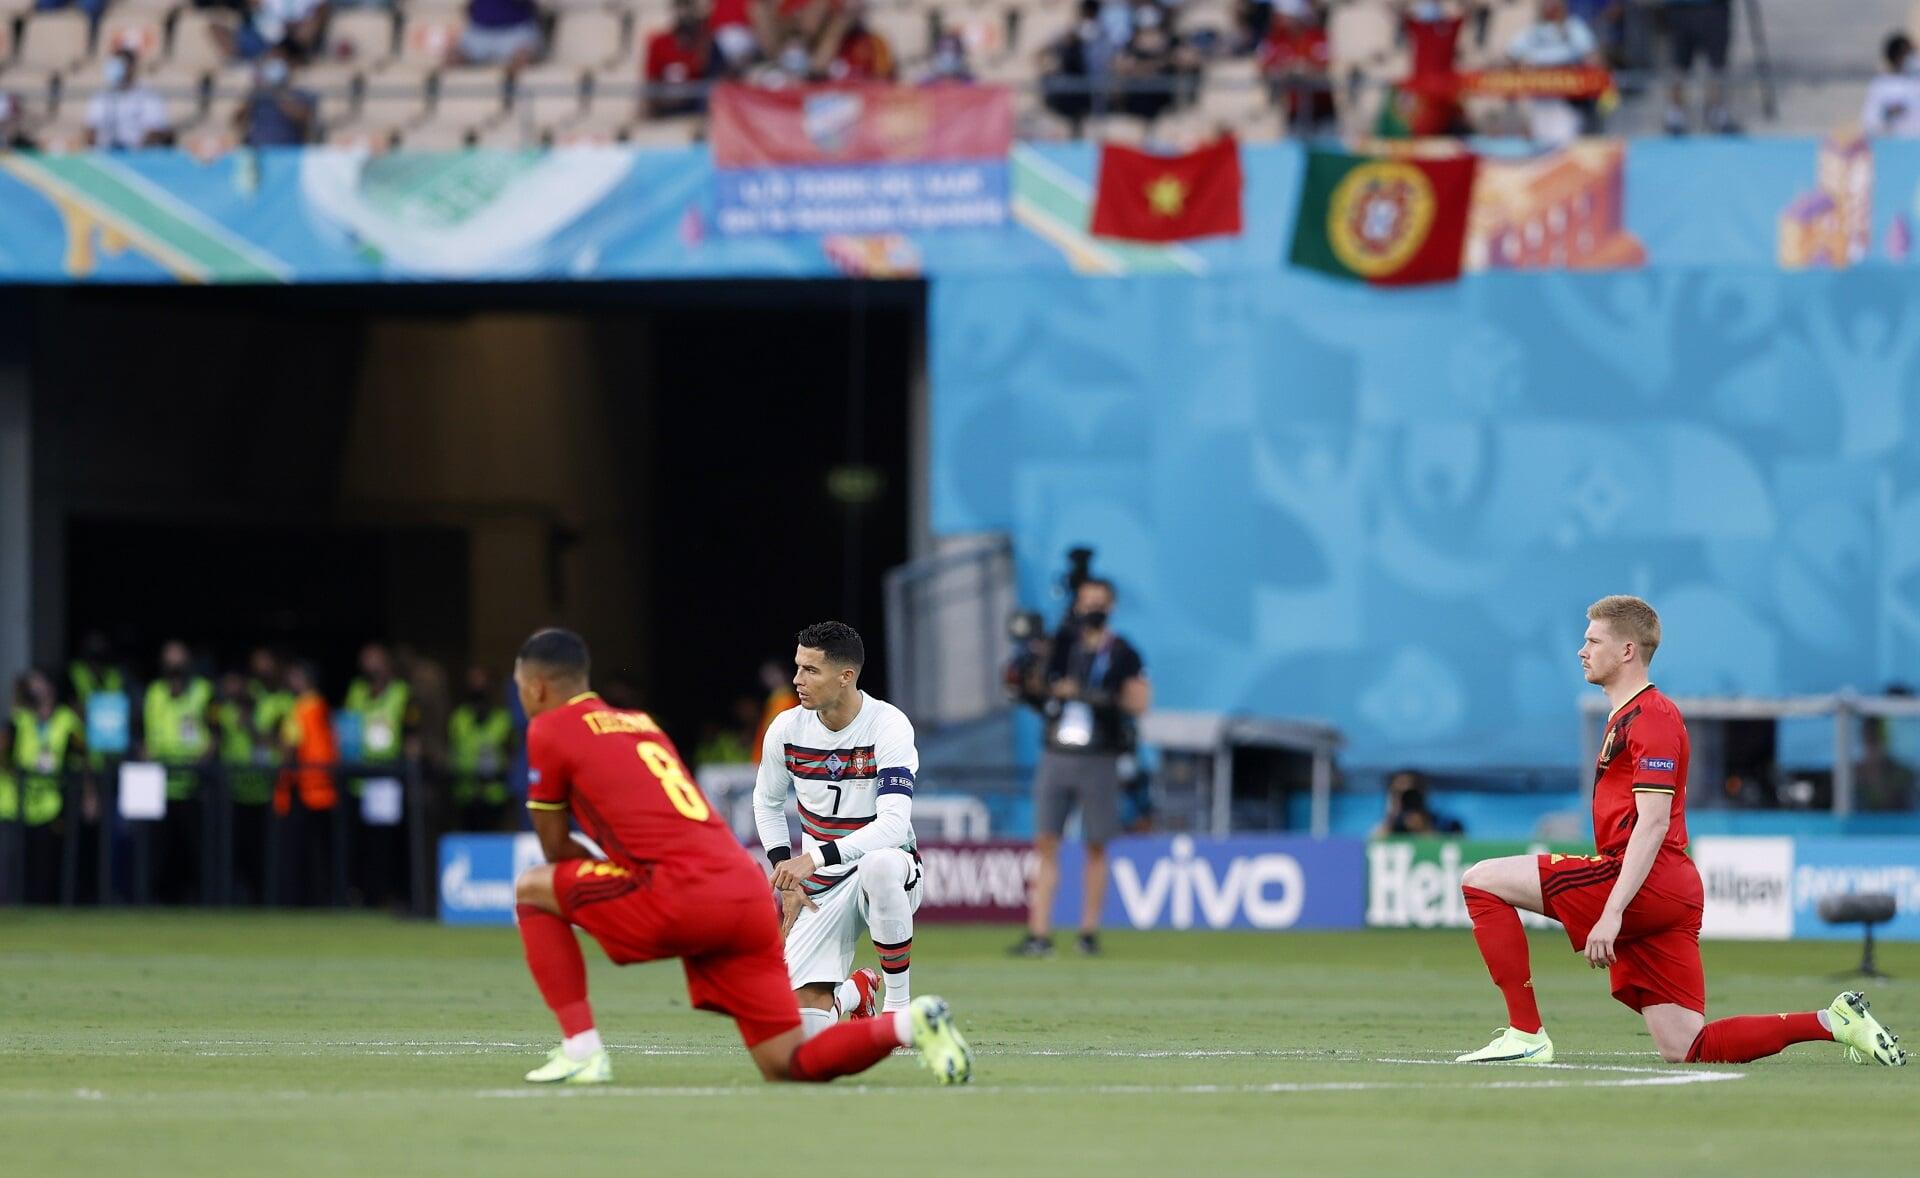 Все игроки Бельгии и Португалии преклонили колено перед матчем 1/8 финала Евро-2020